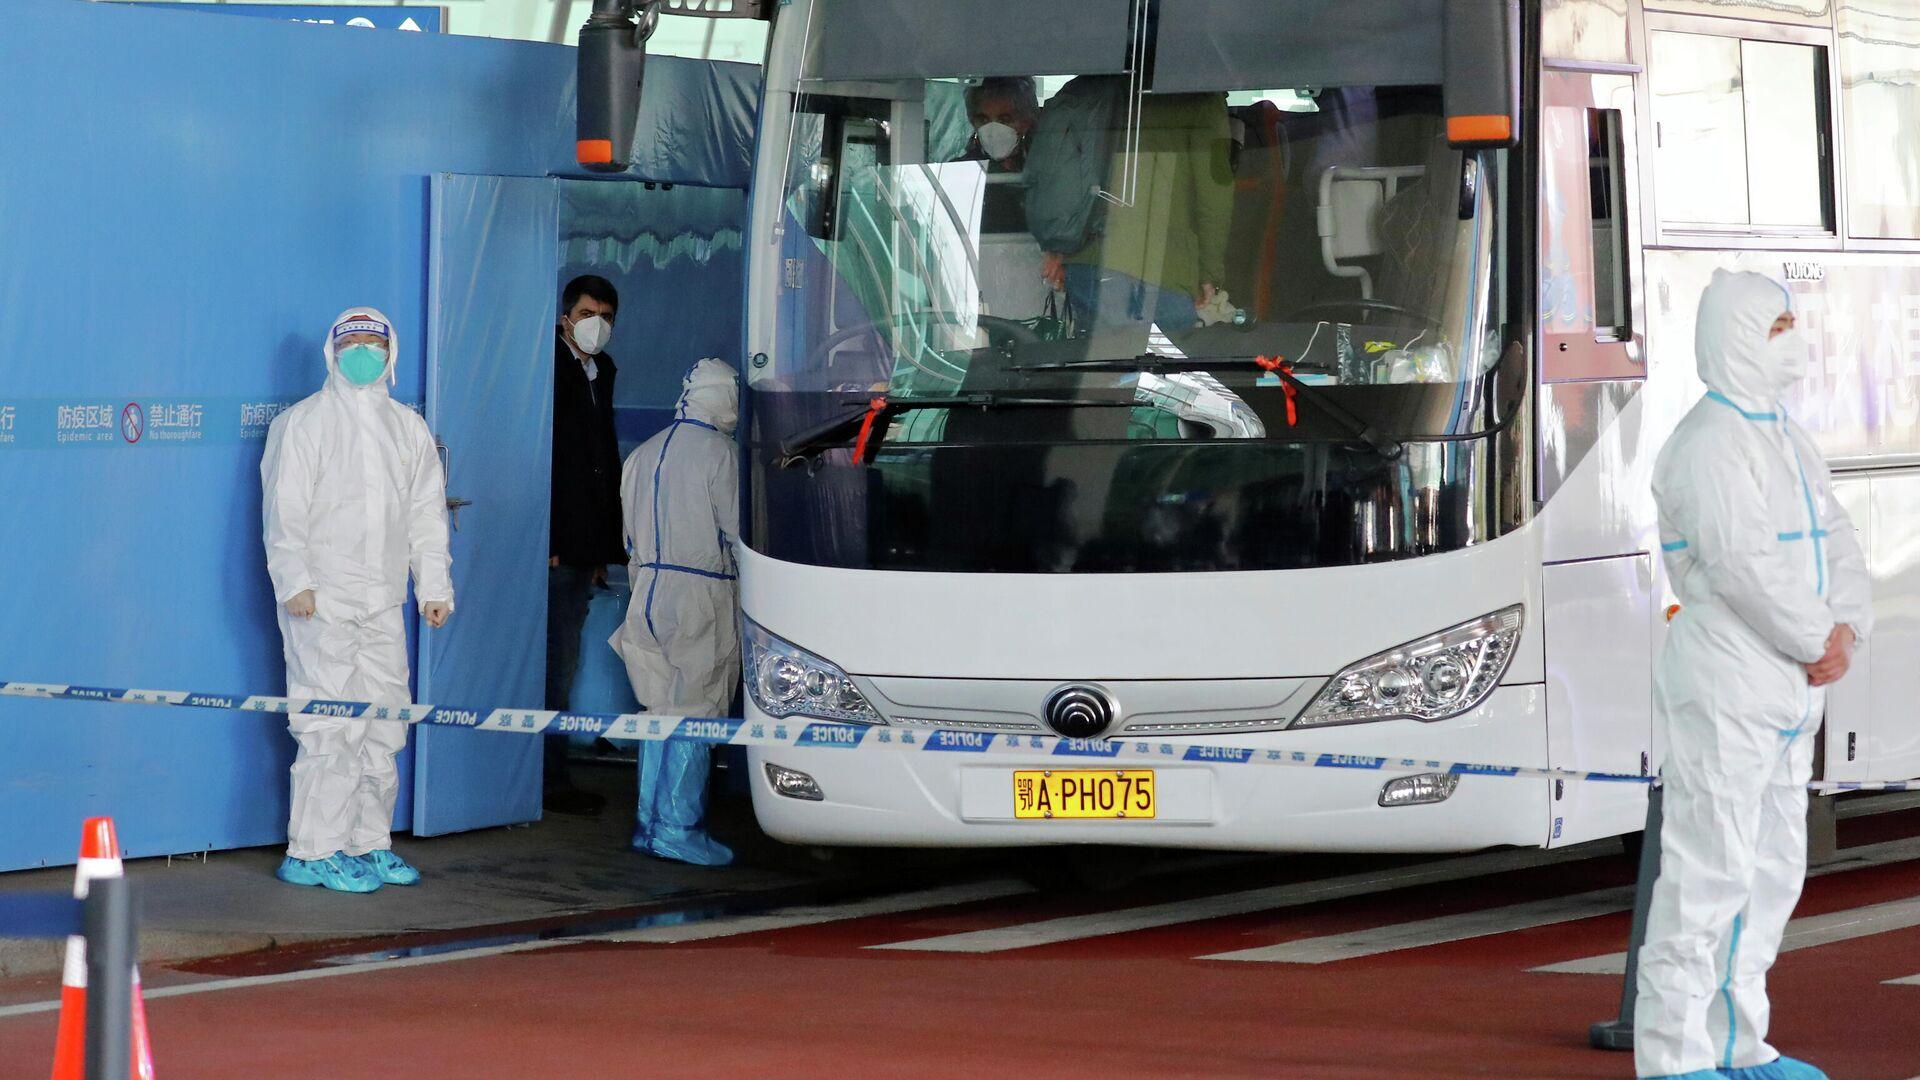 Группа экспертов ВОЗ садятся в автобус перед отъездом из международного аэропорта Ухань - РИА Новости, 1920, 29.01.2021